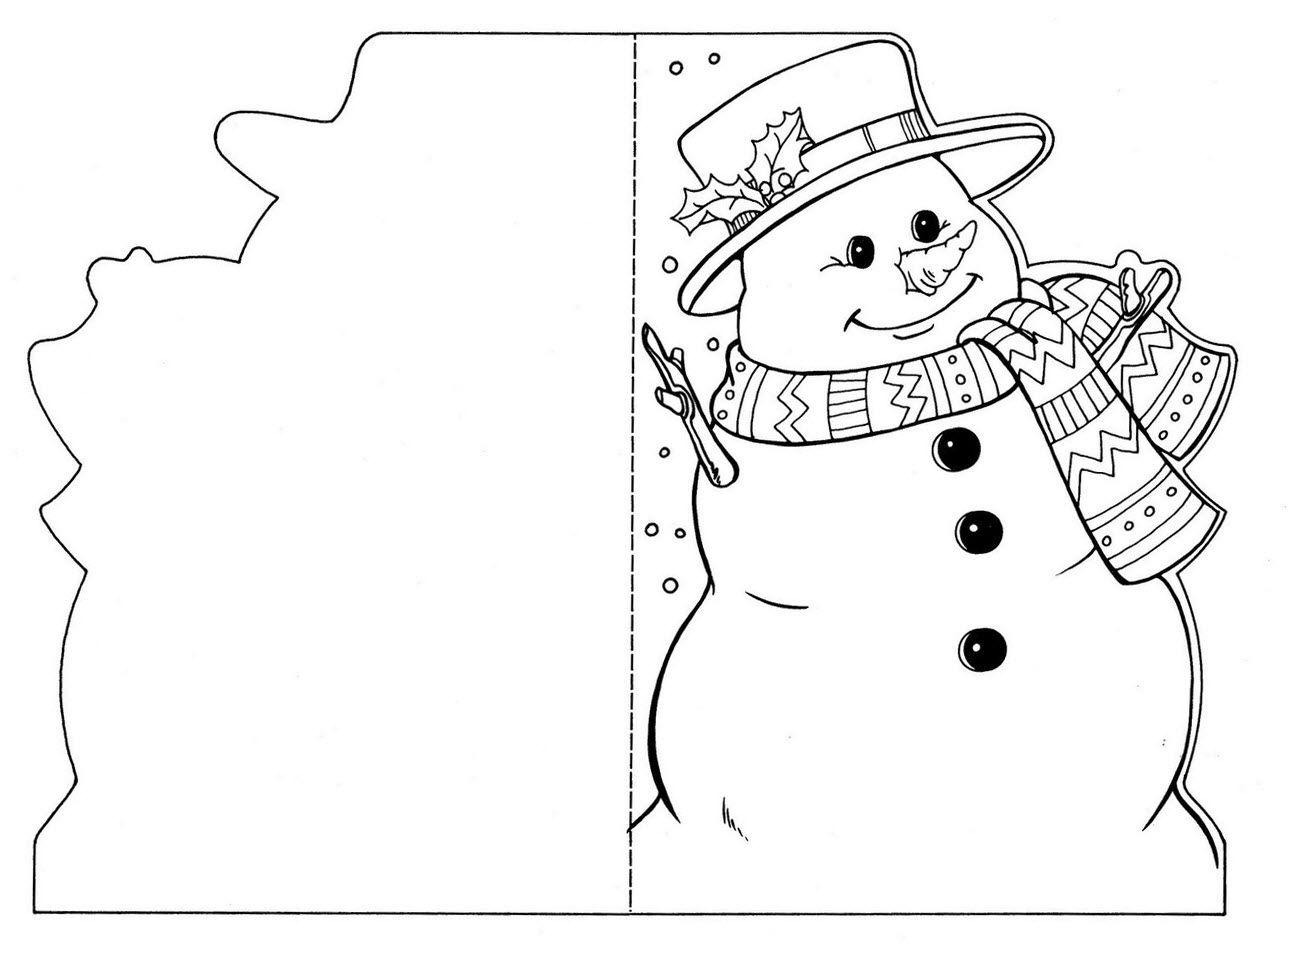 Шаблоны для новогодних открыток своими руками, поздравление днем